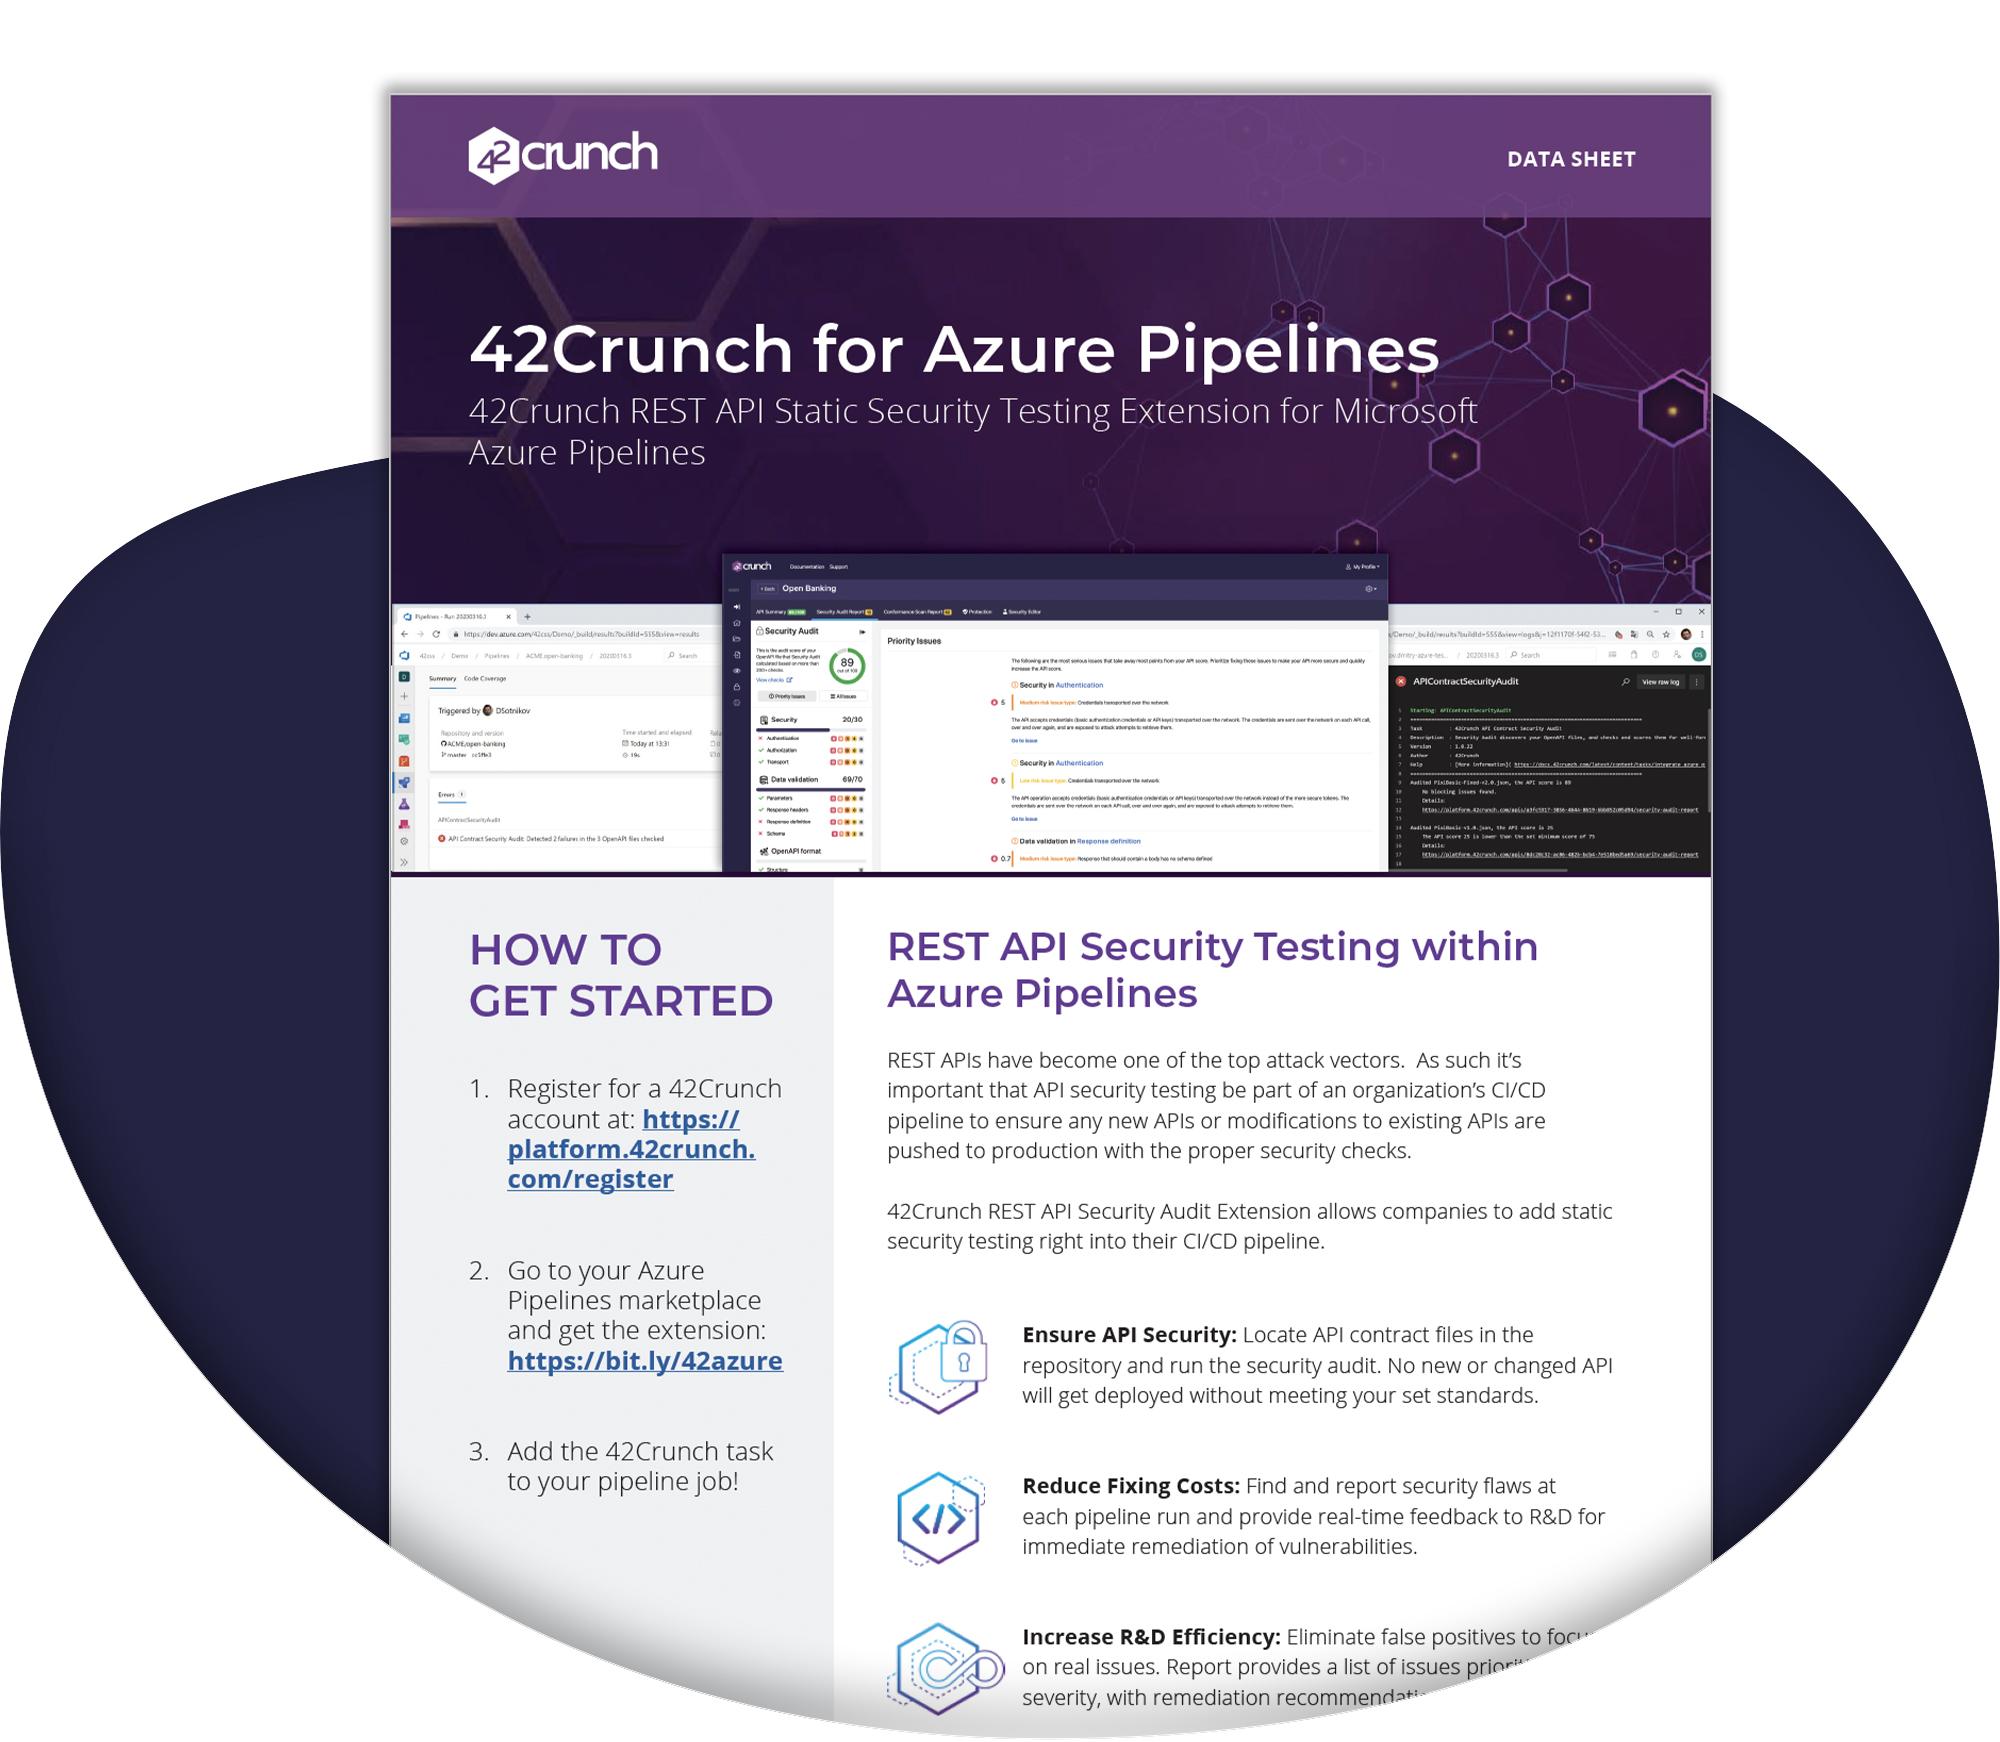 Azure Pipelines Data Sheet